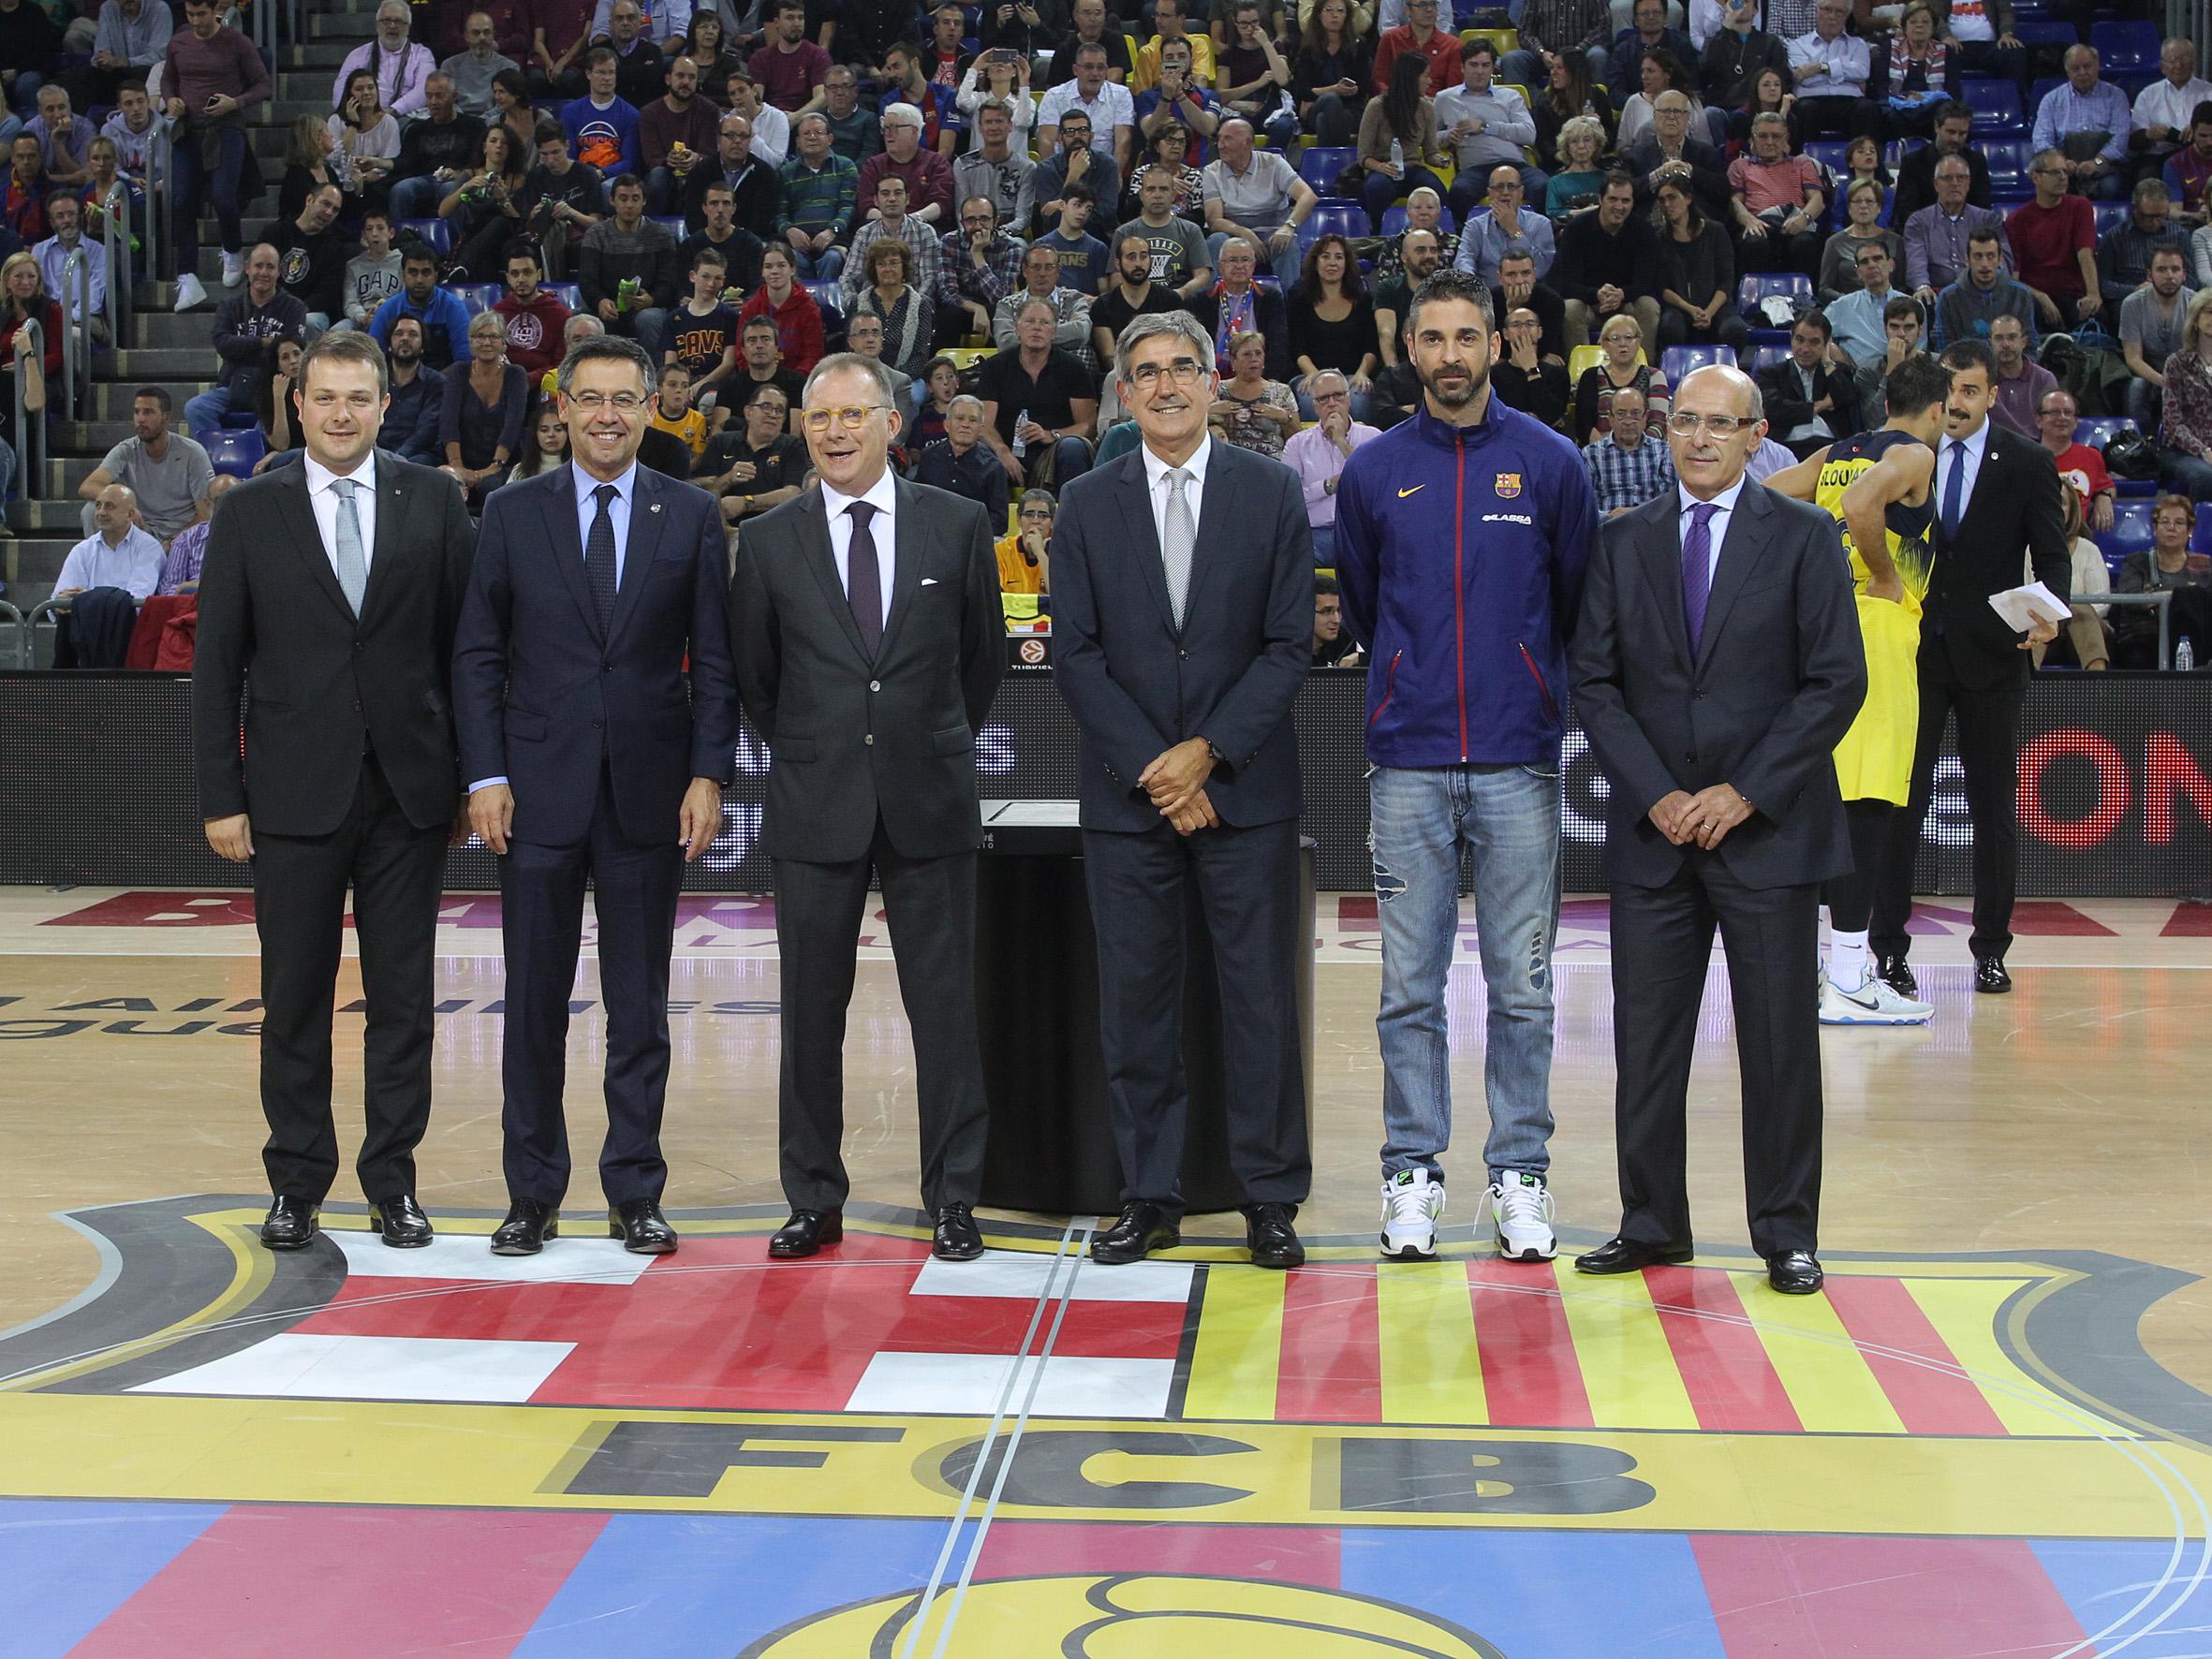 Homenatge a en Toni Bové al Palau Blaugrana 2